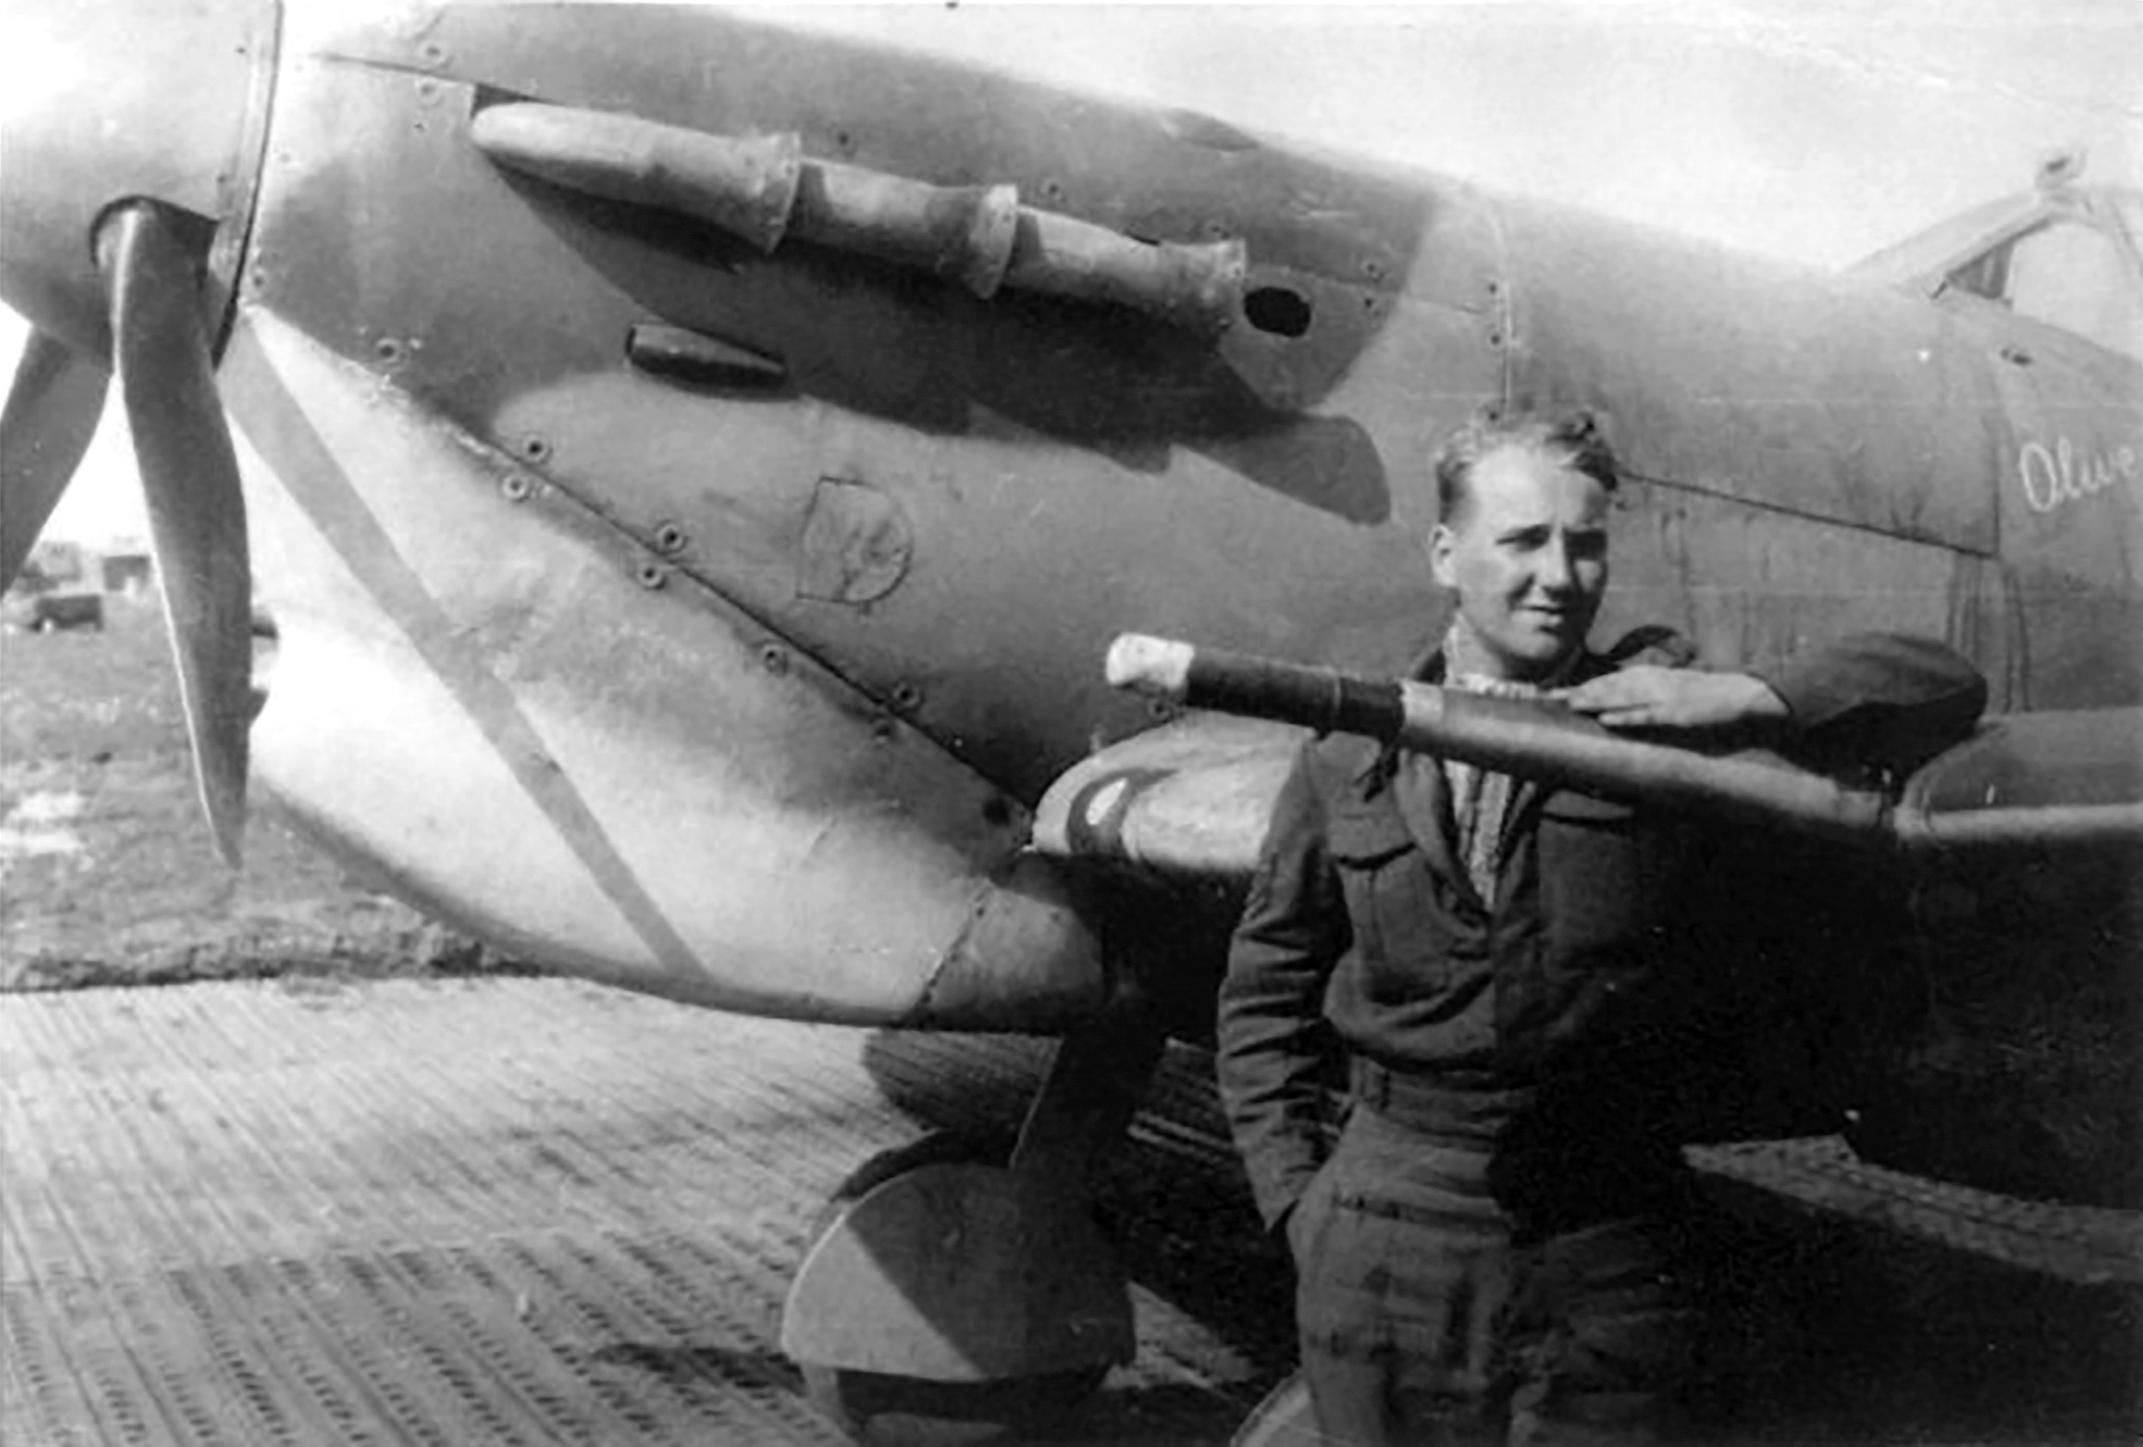 Spitfire MkVcTrop RAF 154Sqn CP JK742 named Olive FSgt Harold Groombridge North Africa Apr 1943 01